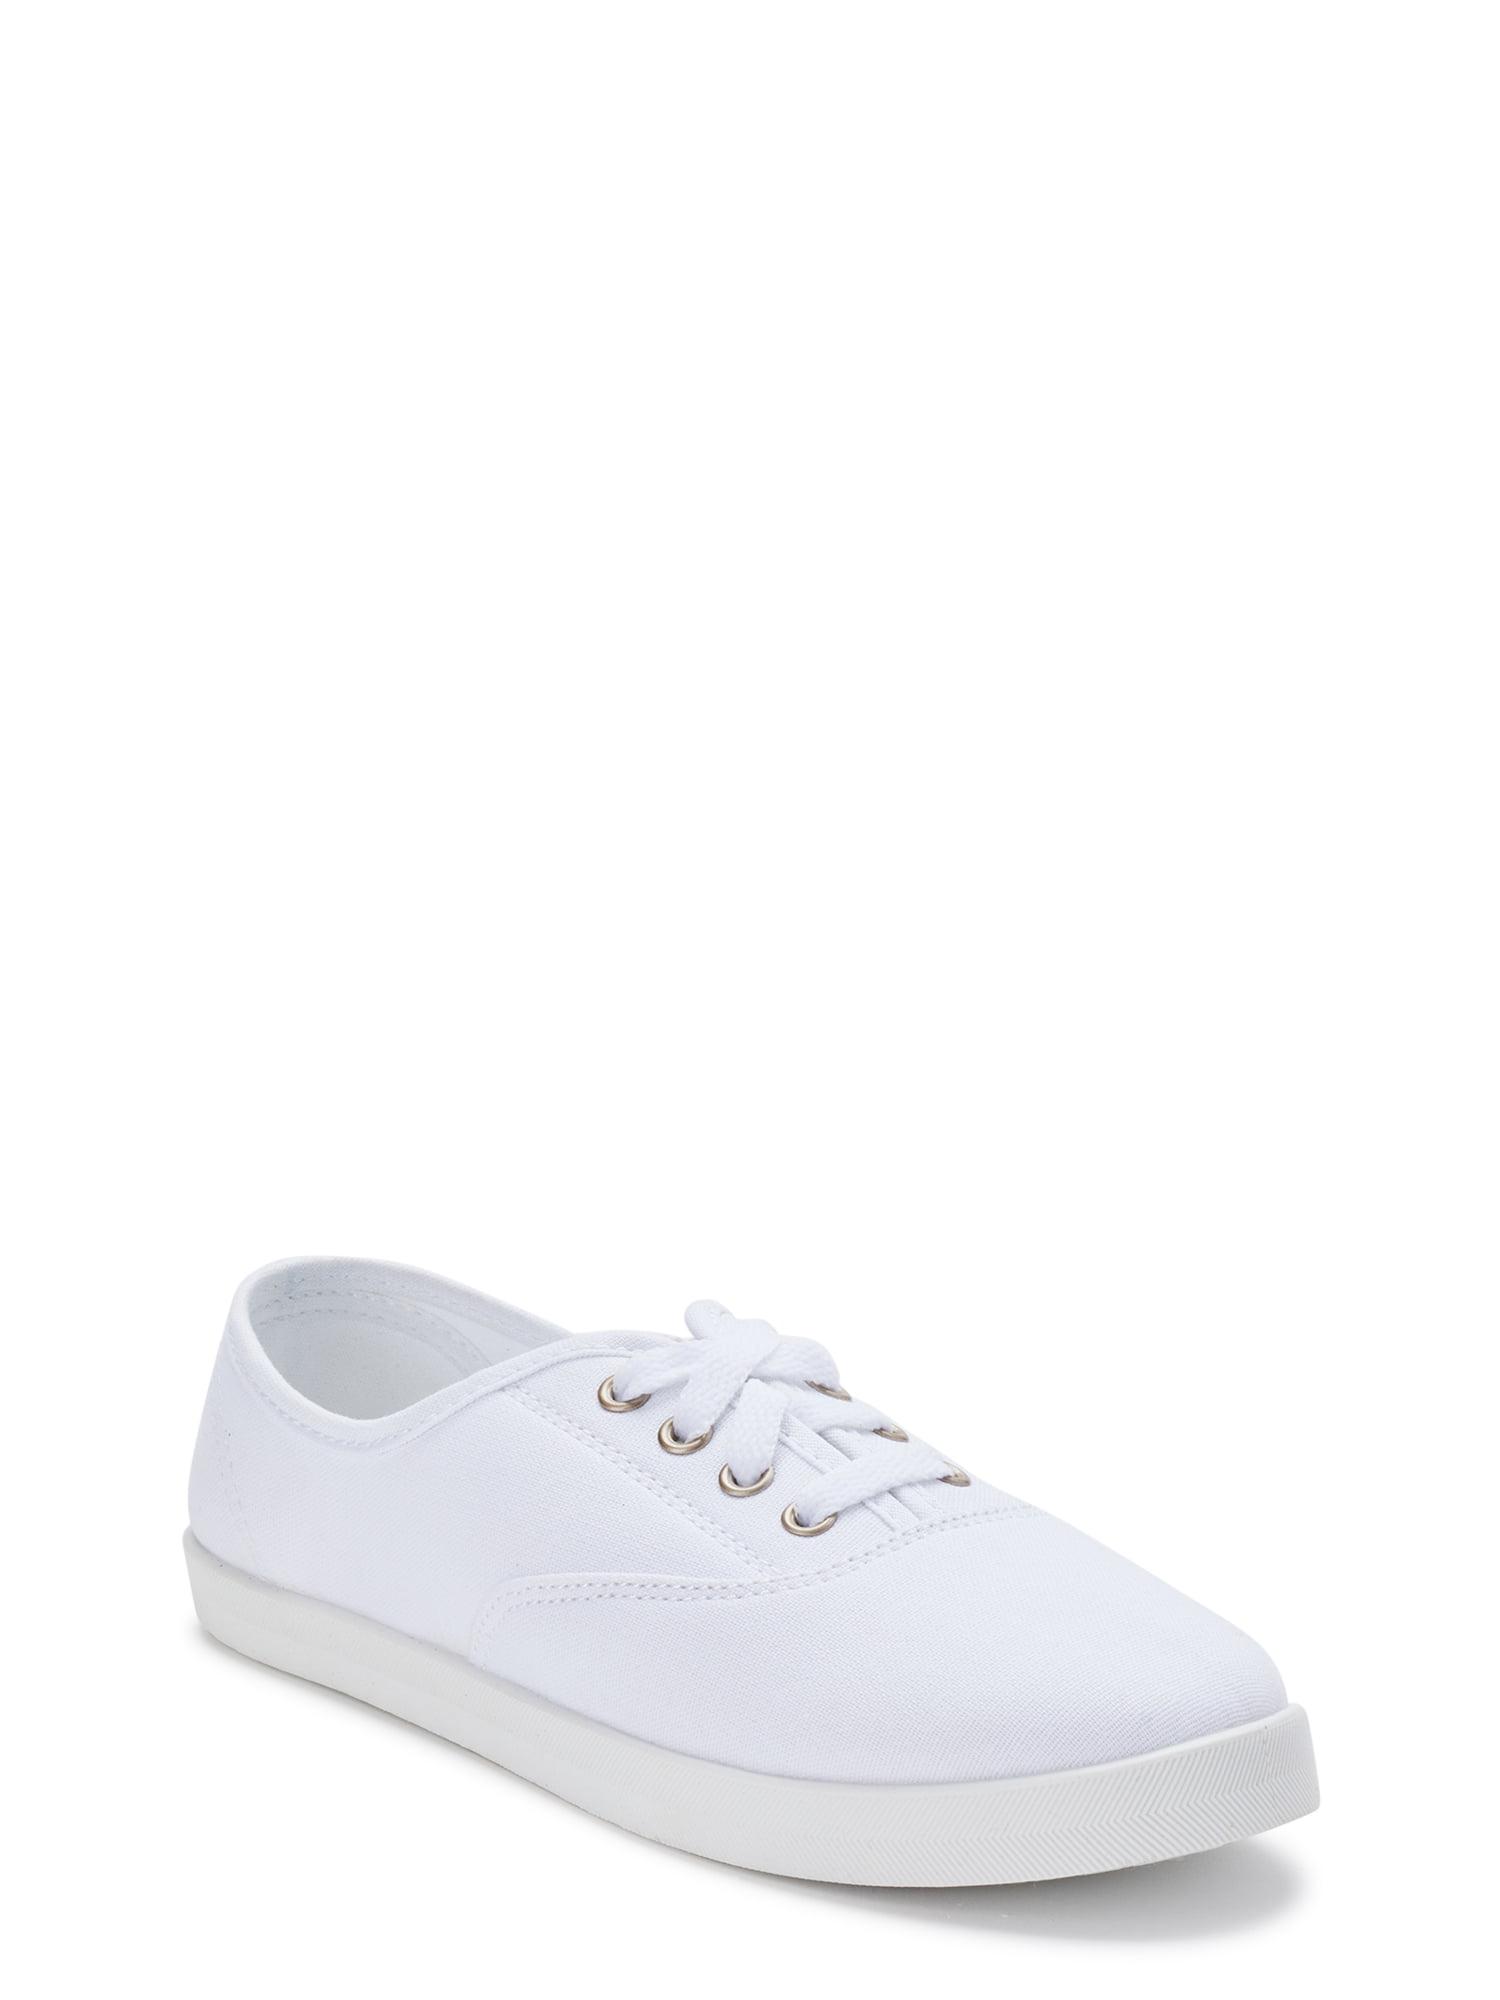 Tru Casual Lace Up Sneaker - Walmart